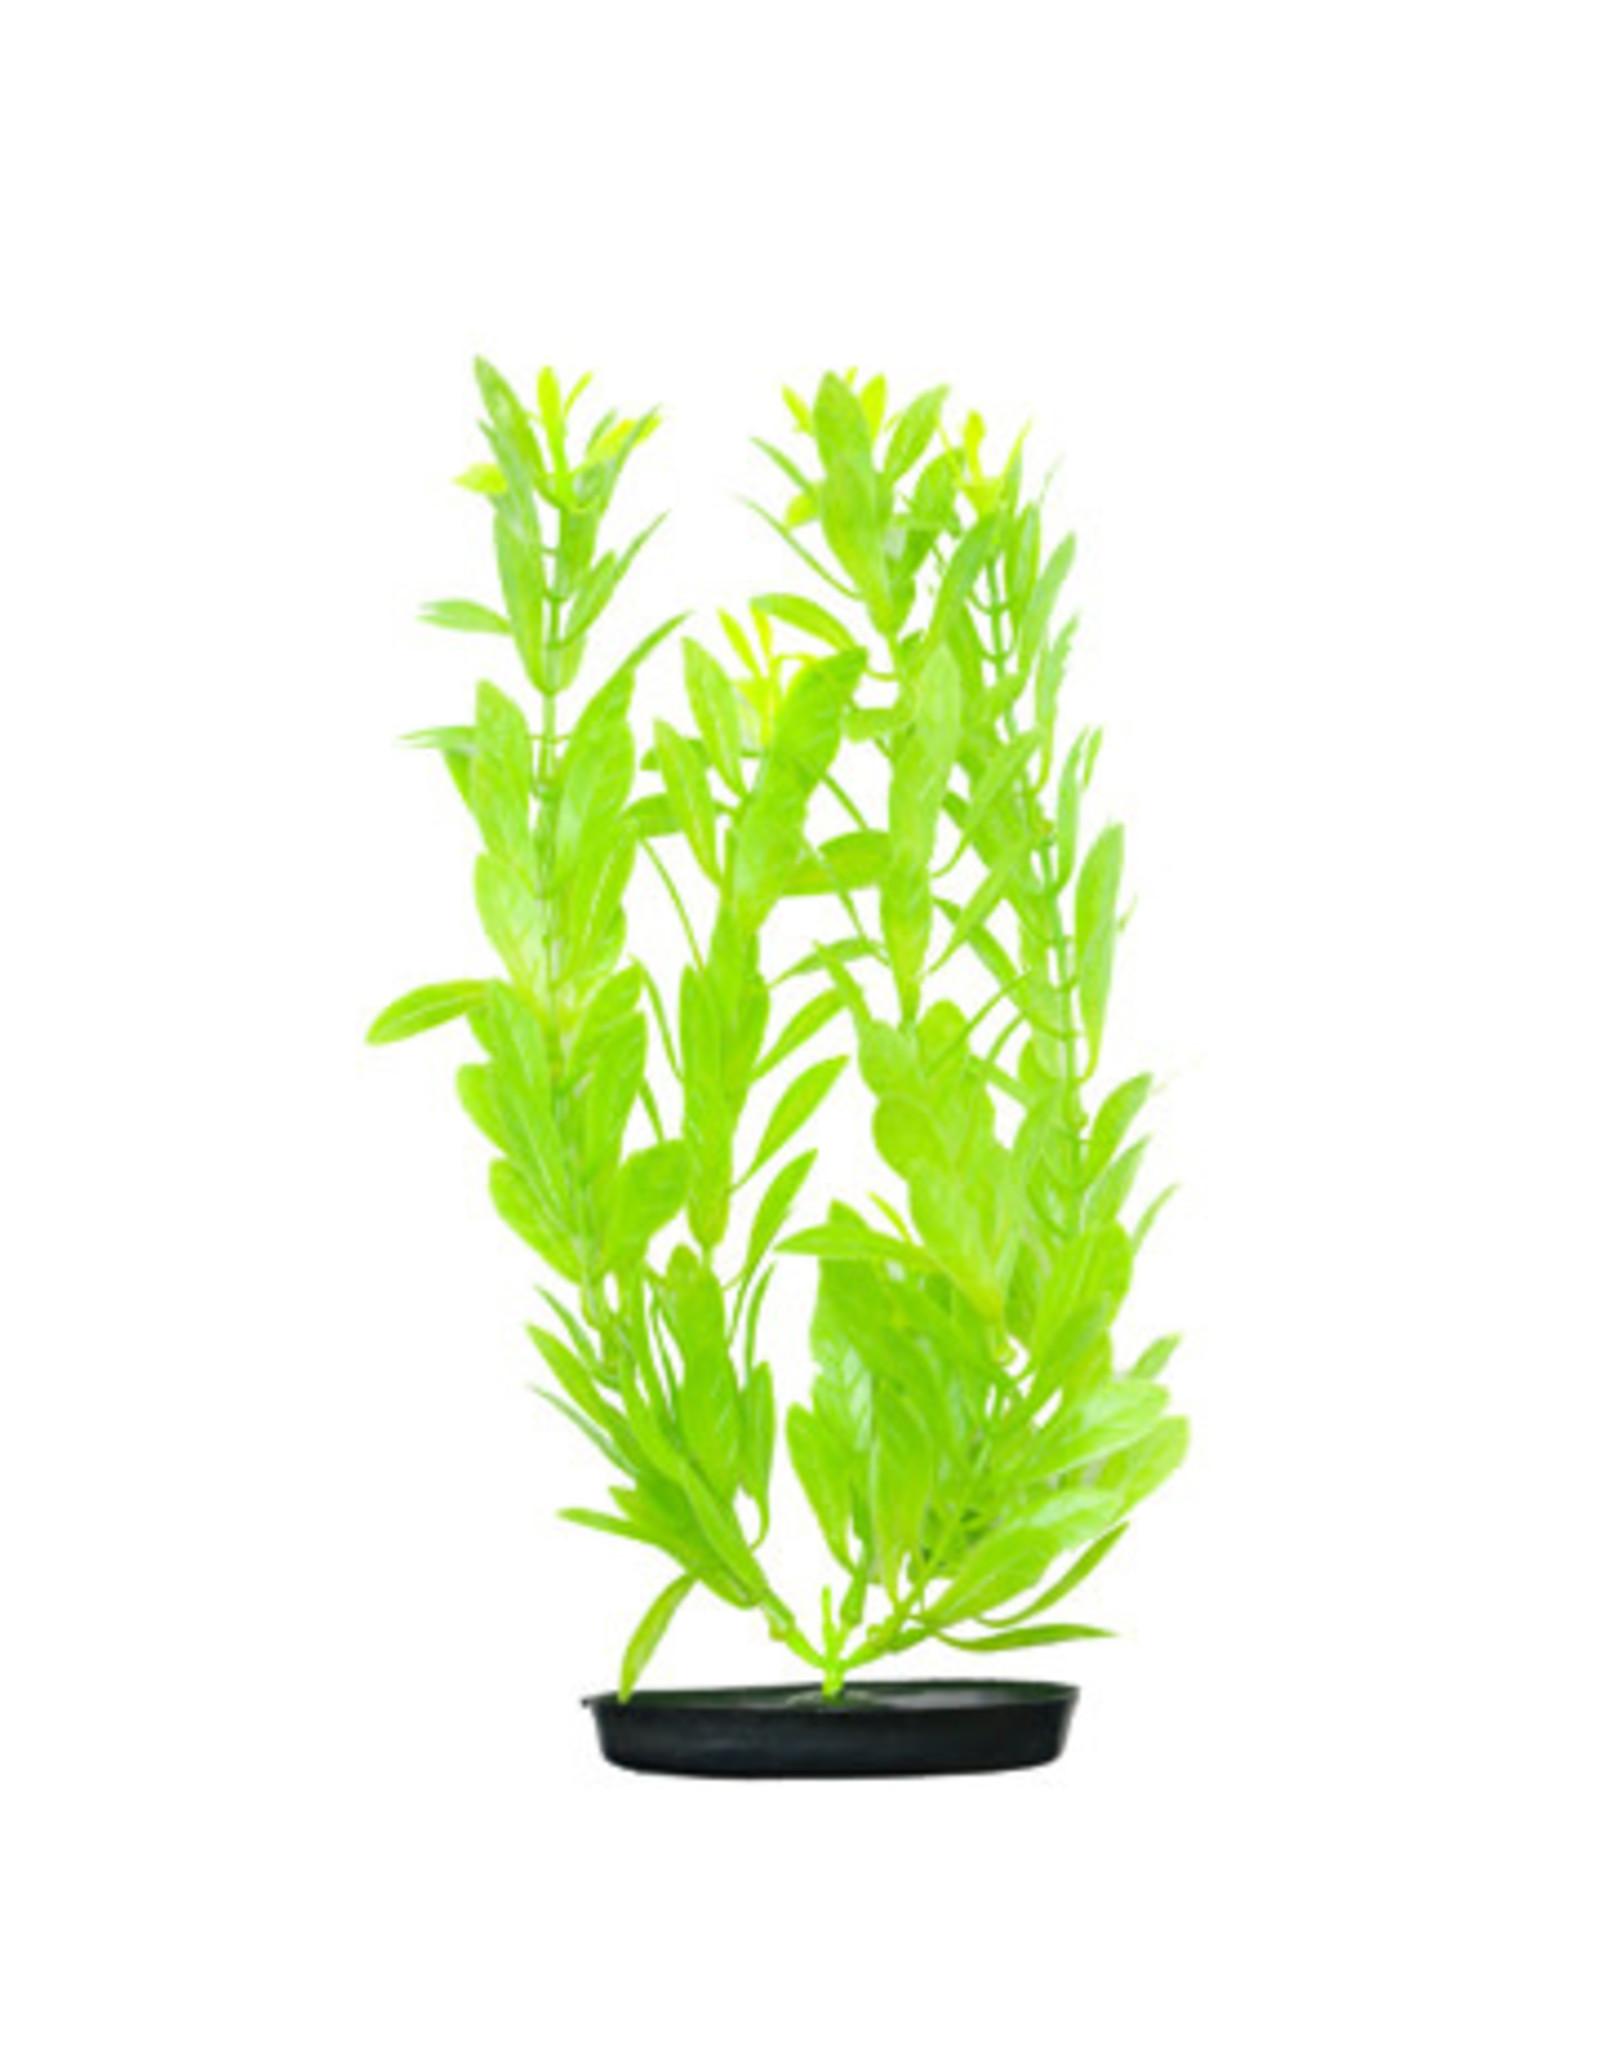 Marina Marina Vibrascaper Plastic Plant, Hygrophilia Green-Dayglo, 30 cm (12 in)